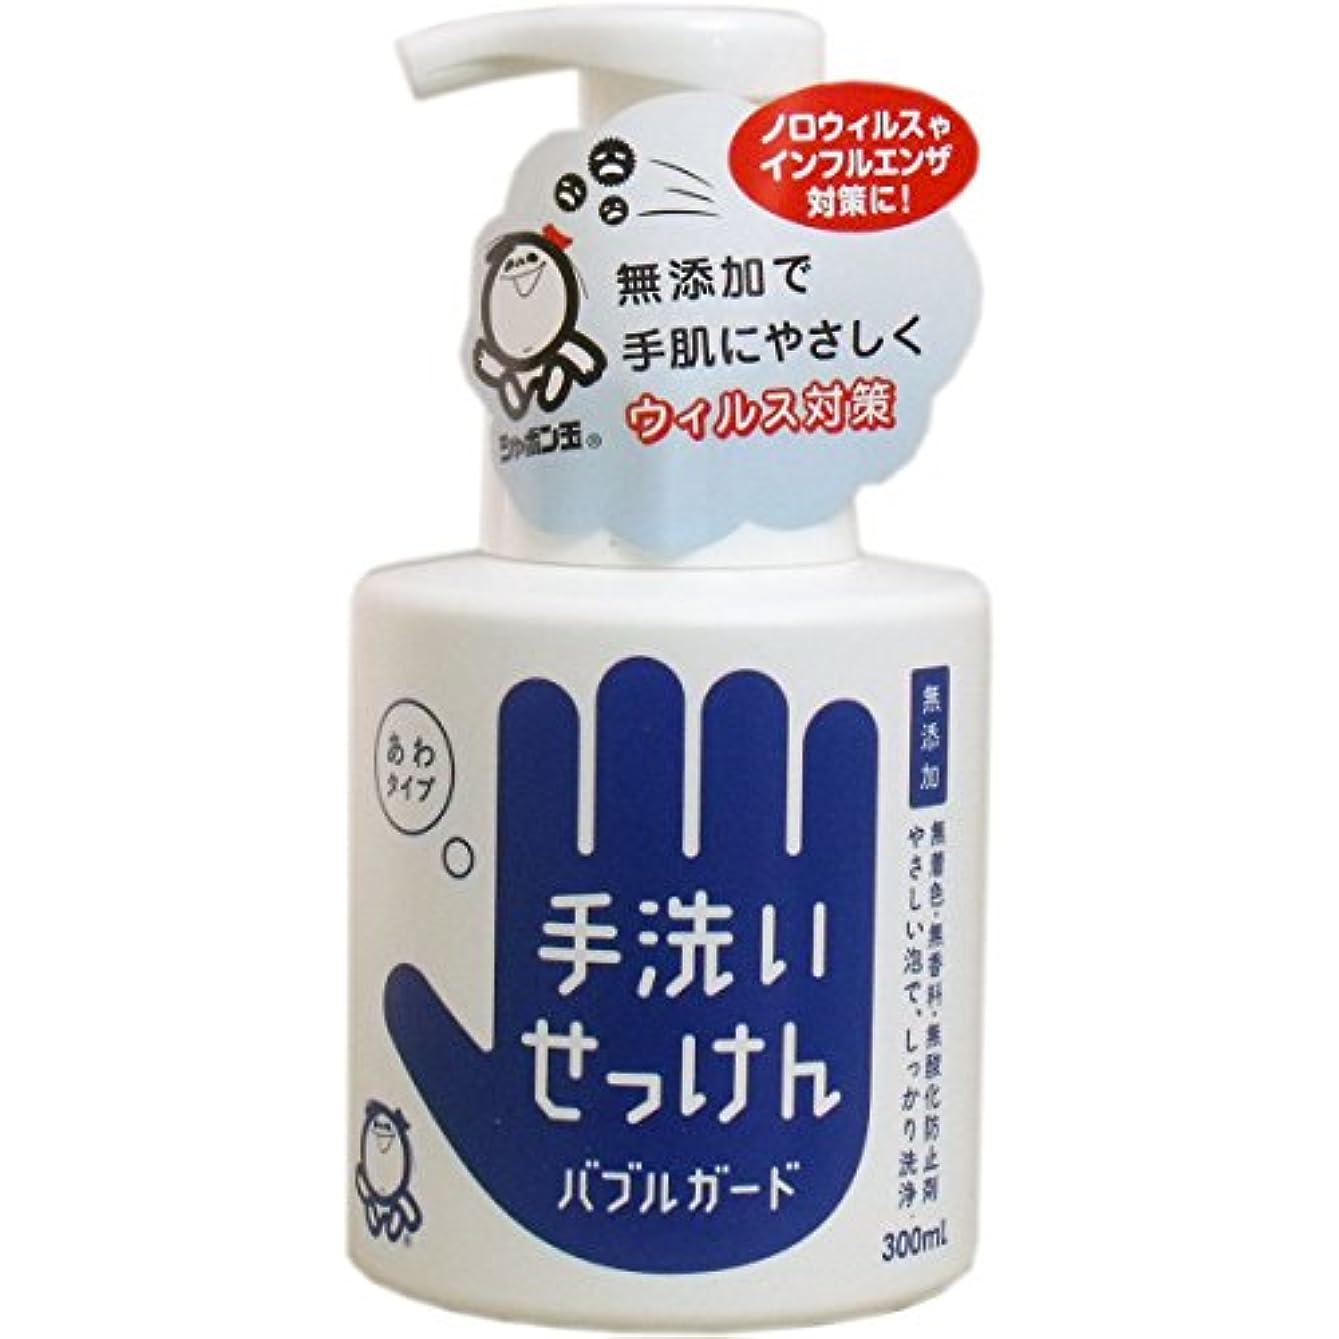 産地二次格納シャボン玉石けん 手洗いせっけん バブルガード 本体 300ml 1本